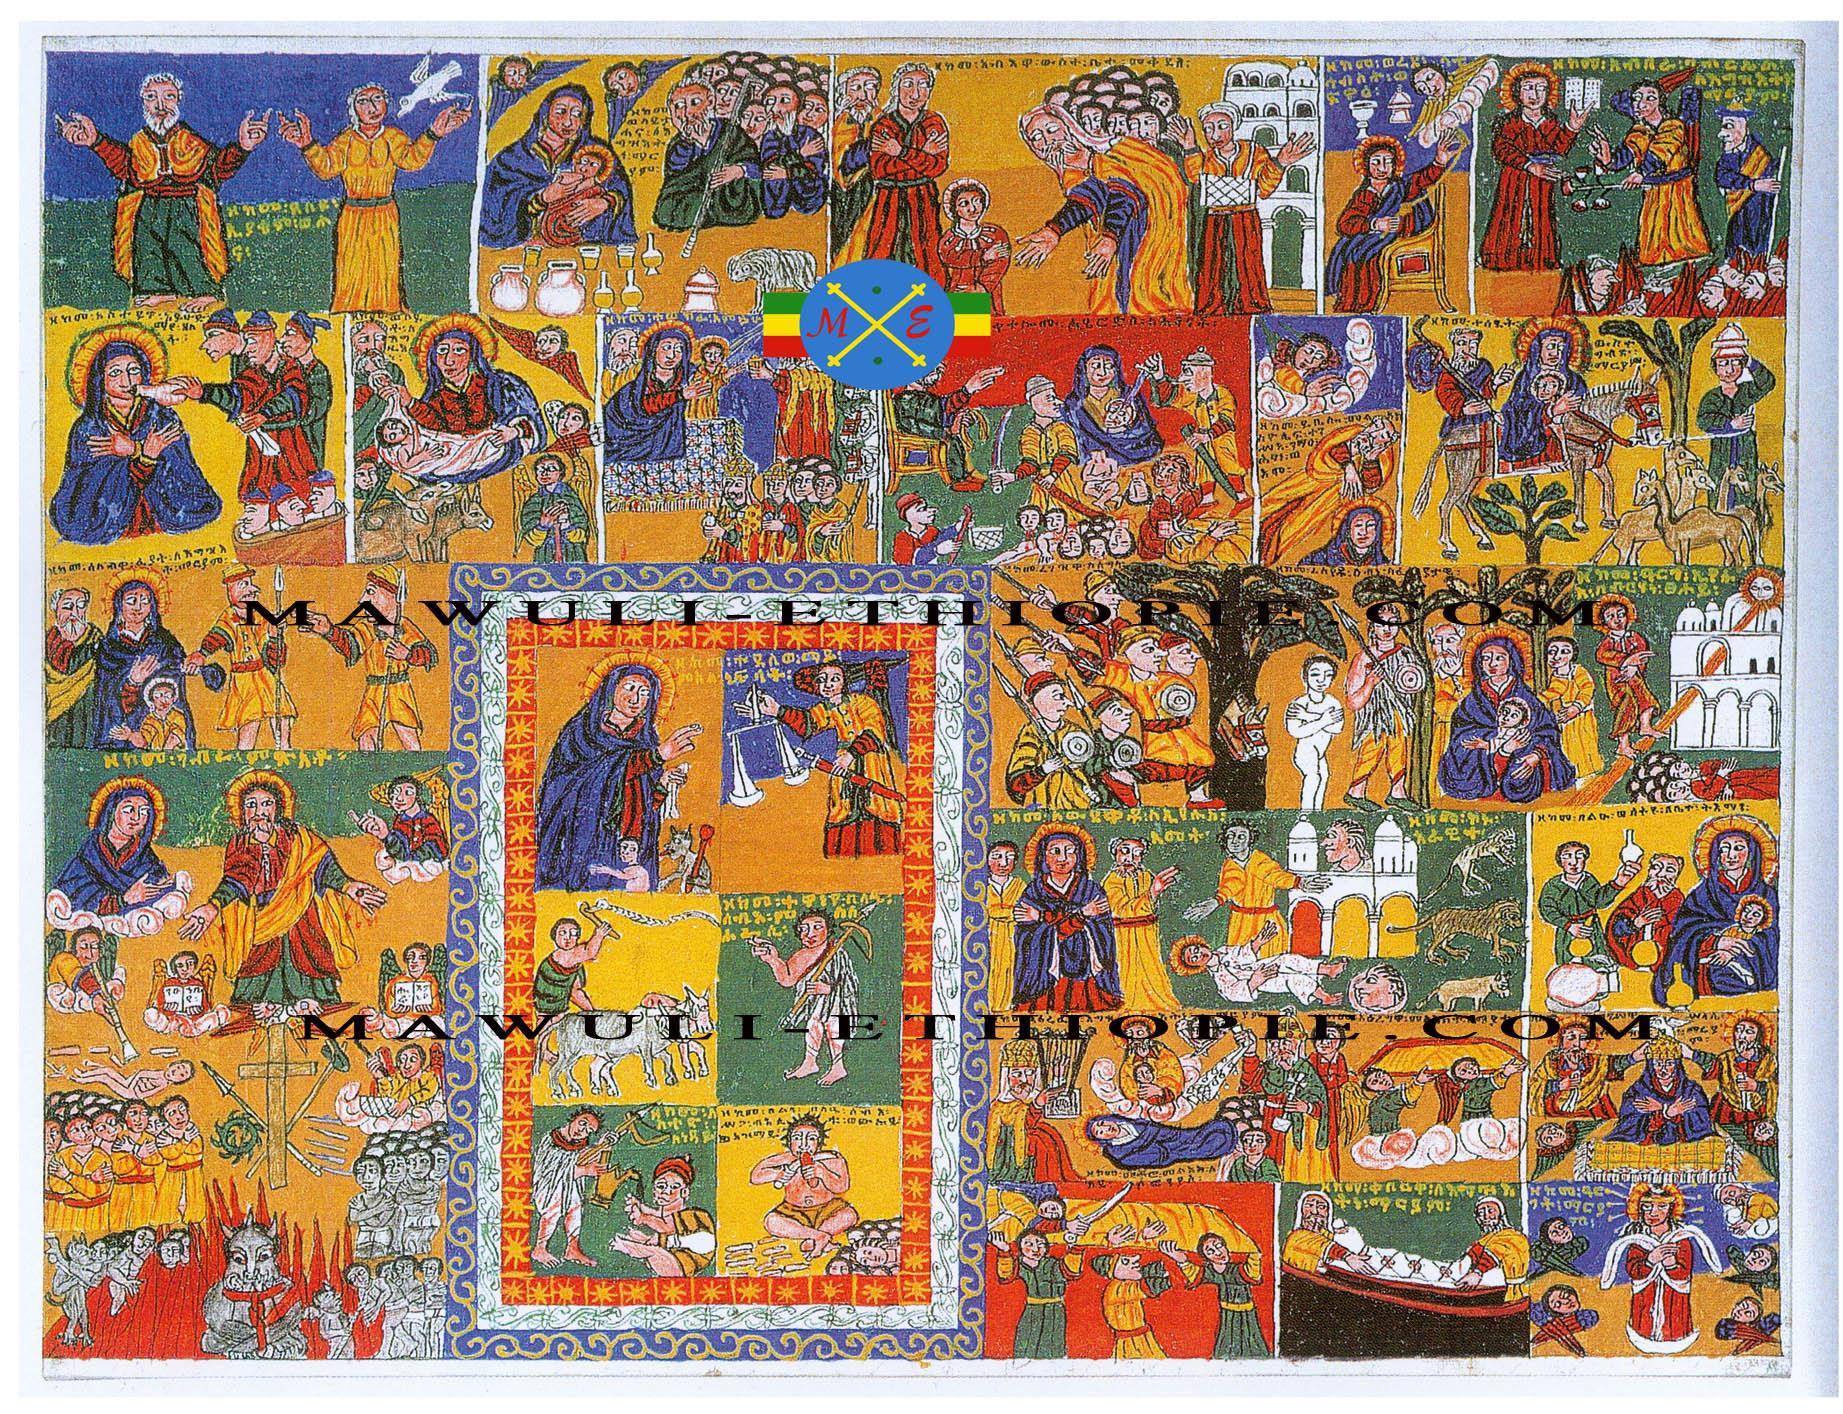 Icone éthiopienne Tshirt Rasta Haile Selassie Ras Tafari coton Café ethiopie made in Ethiopia Ethiopie Epices éthiopiennes Moringa Bio Ethiopie made by locals solidaire équitable artisanat textils voyage Ethiopie